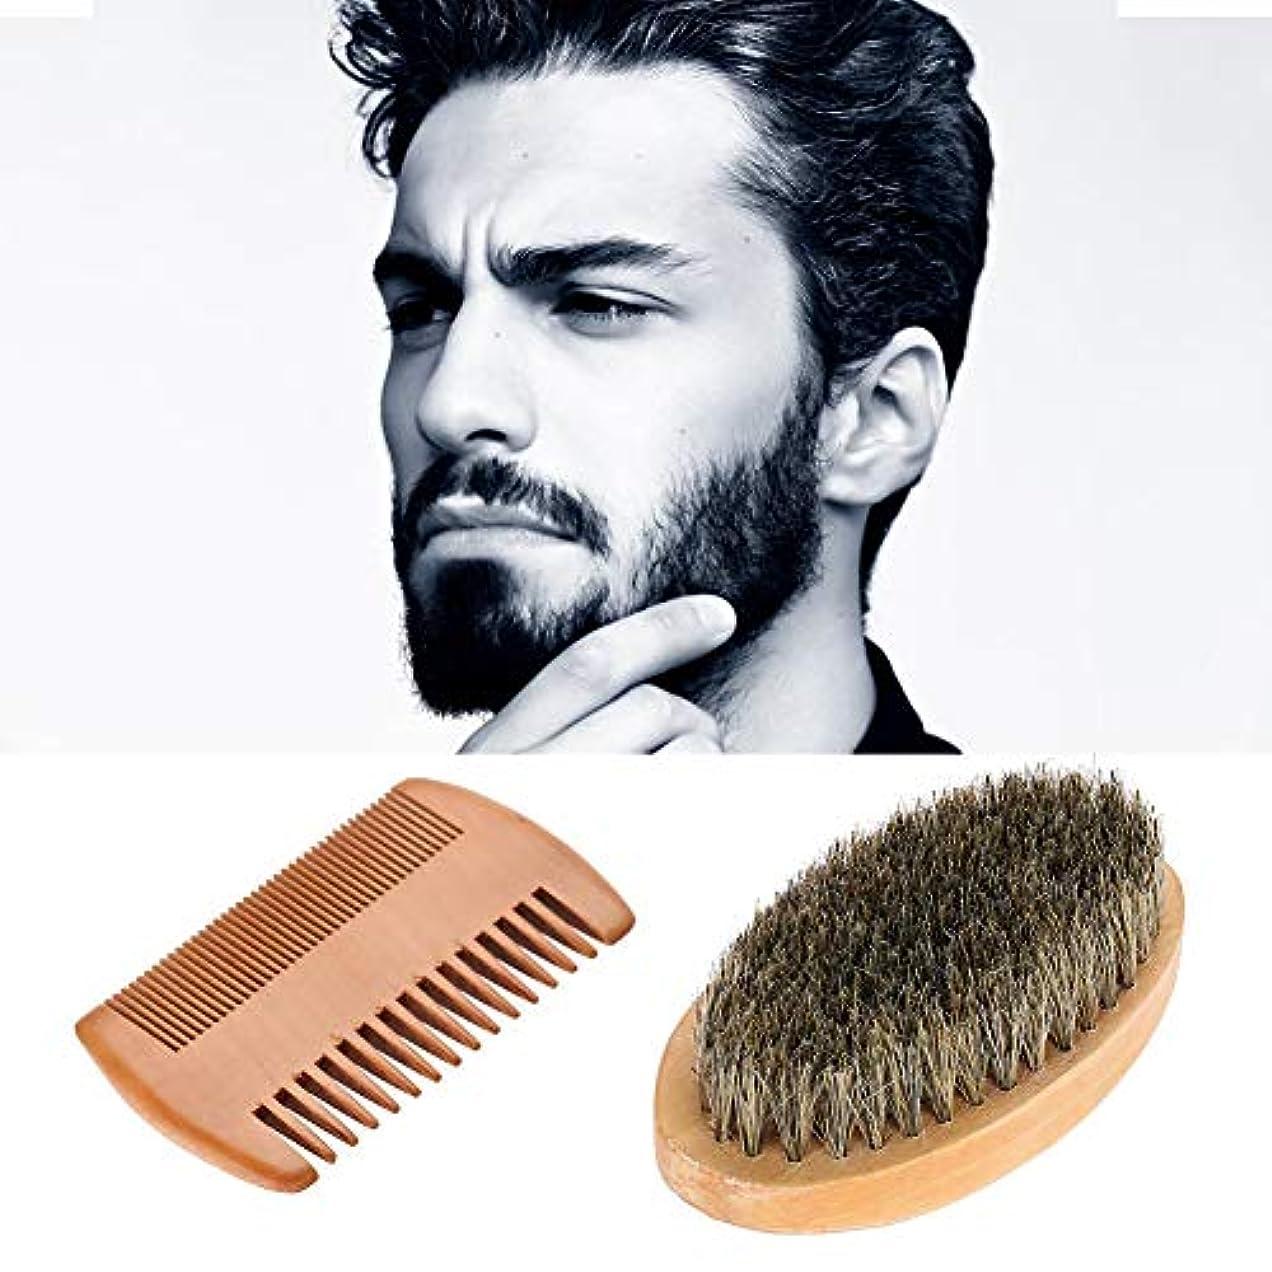 貞ライター形式男性の楕円形の木製の楕円形のブラシ+ひげの毛の顔のクリーニングの手入れをするキットのための櫛